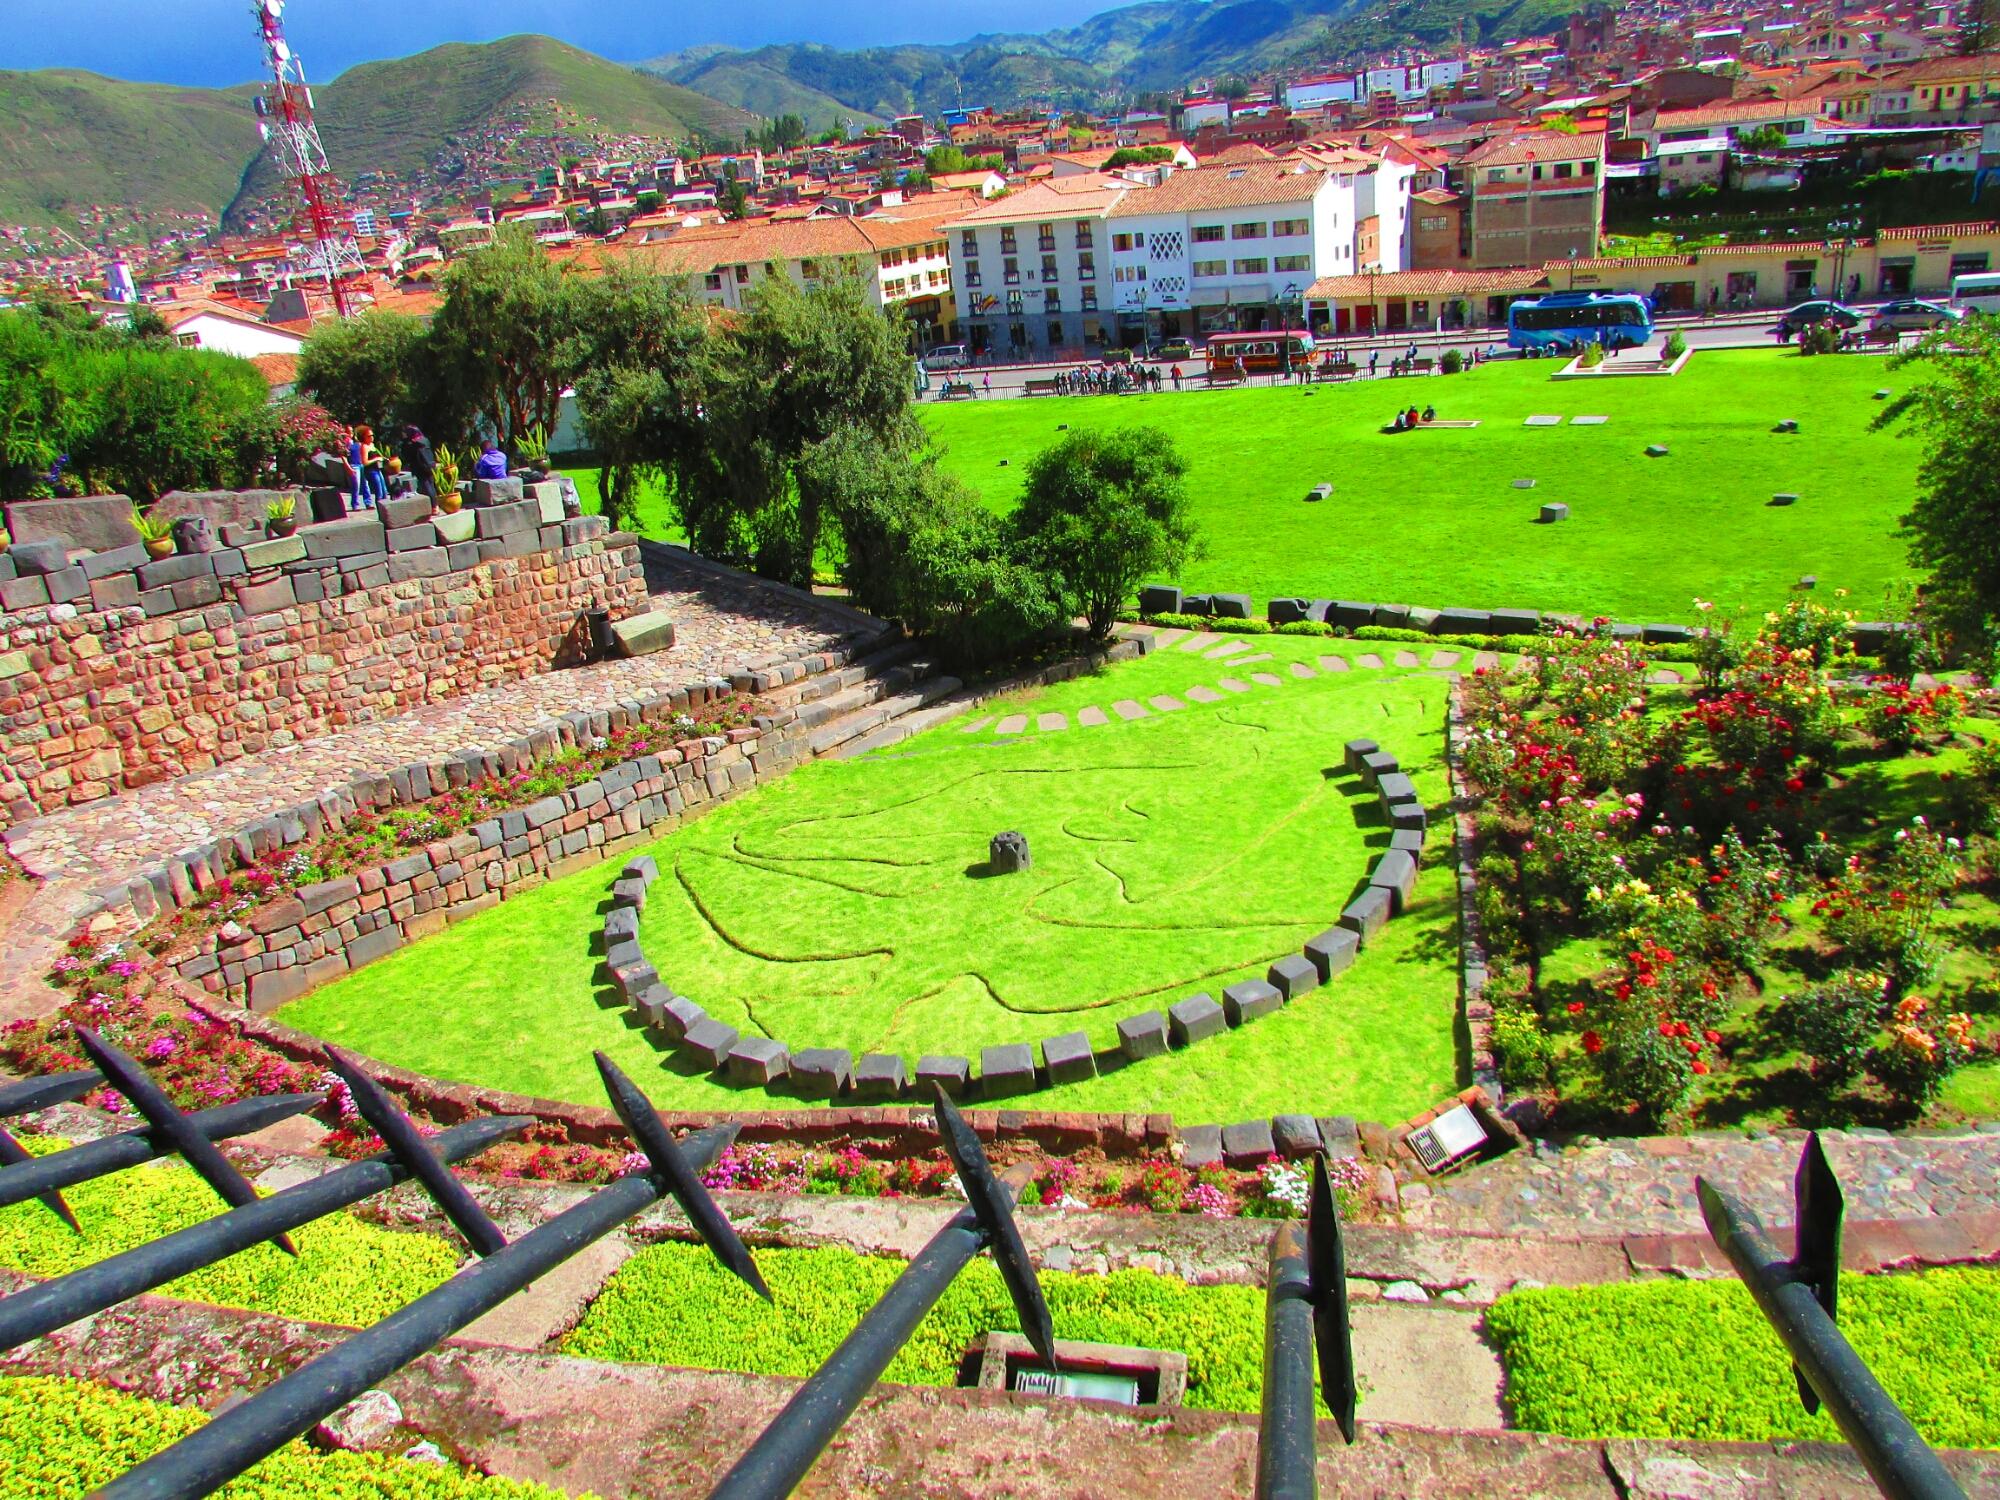 vistas del jardín de Coricancha desde el museo